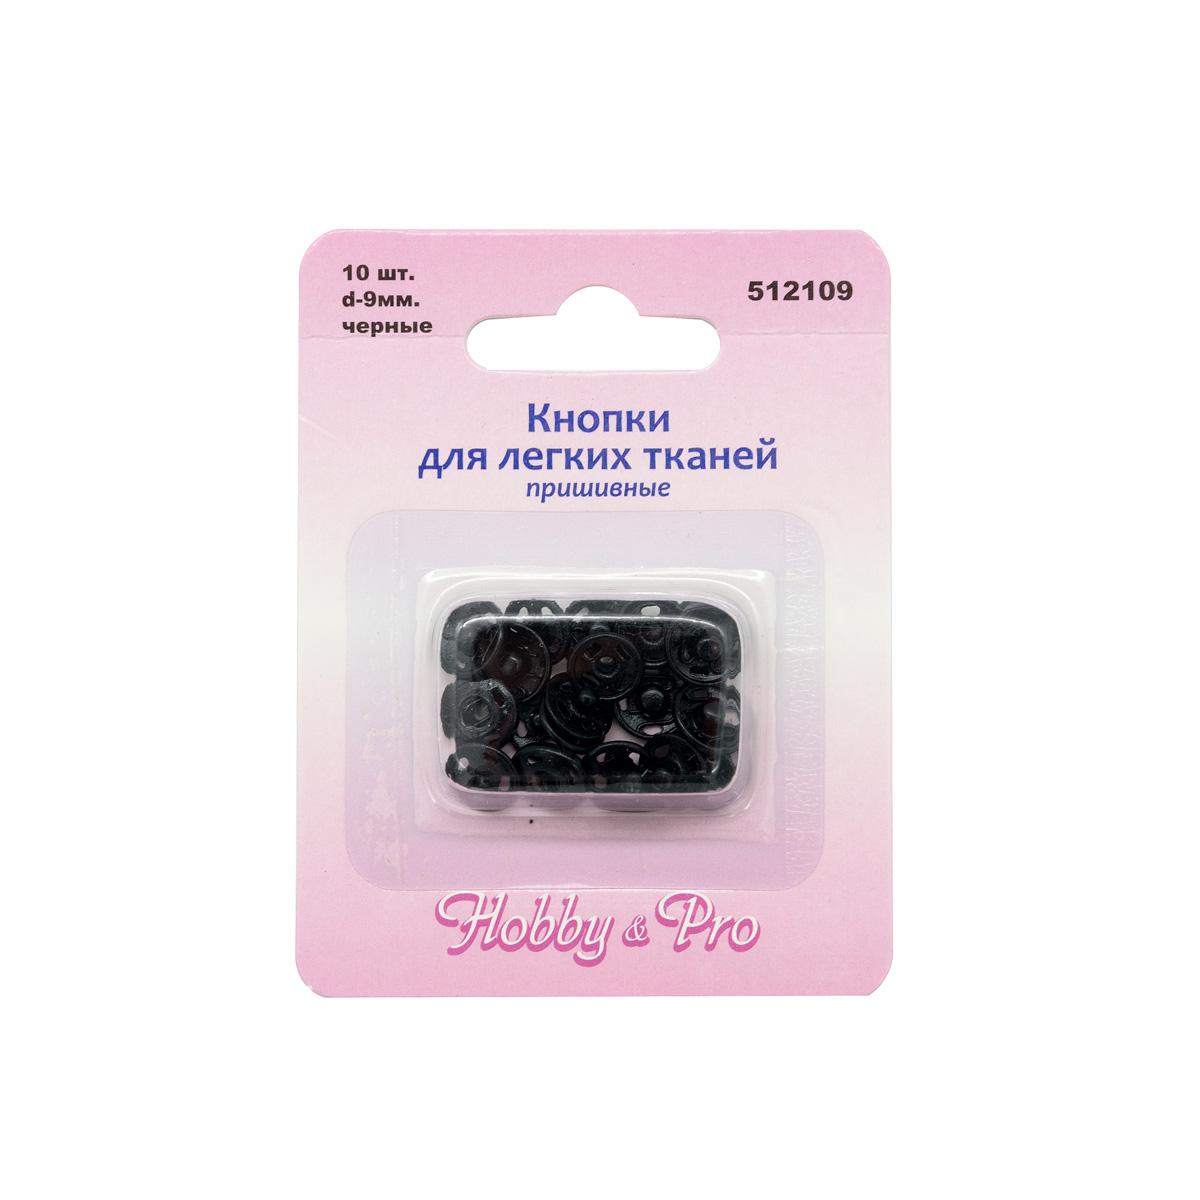 512109 Кнопки для легких тканей пришивные, черные, d 9 мм, упак./10 шт., Hobby&Pro